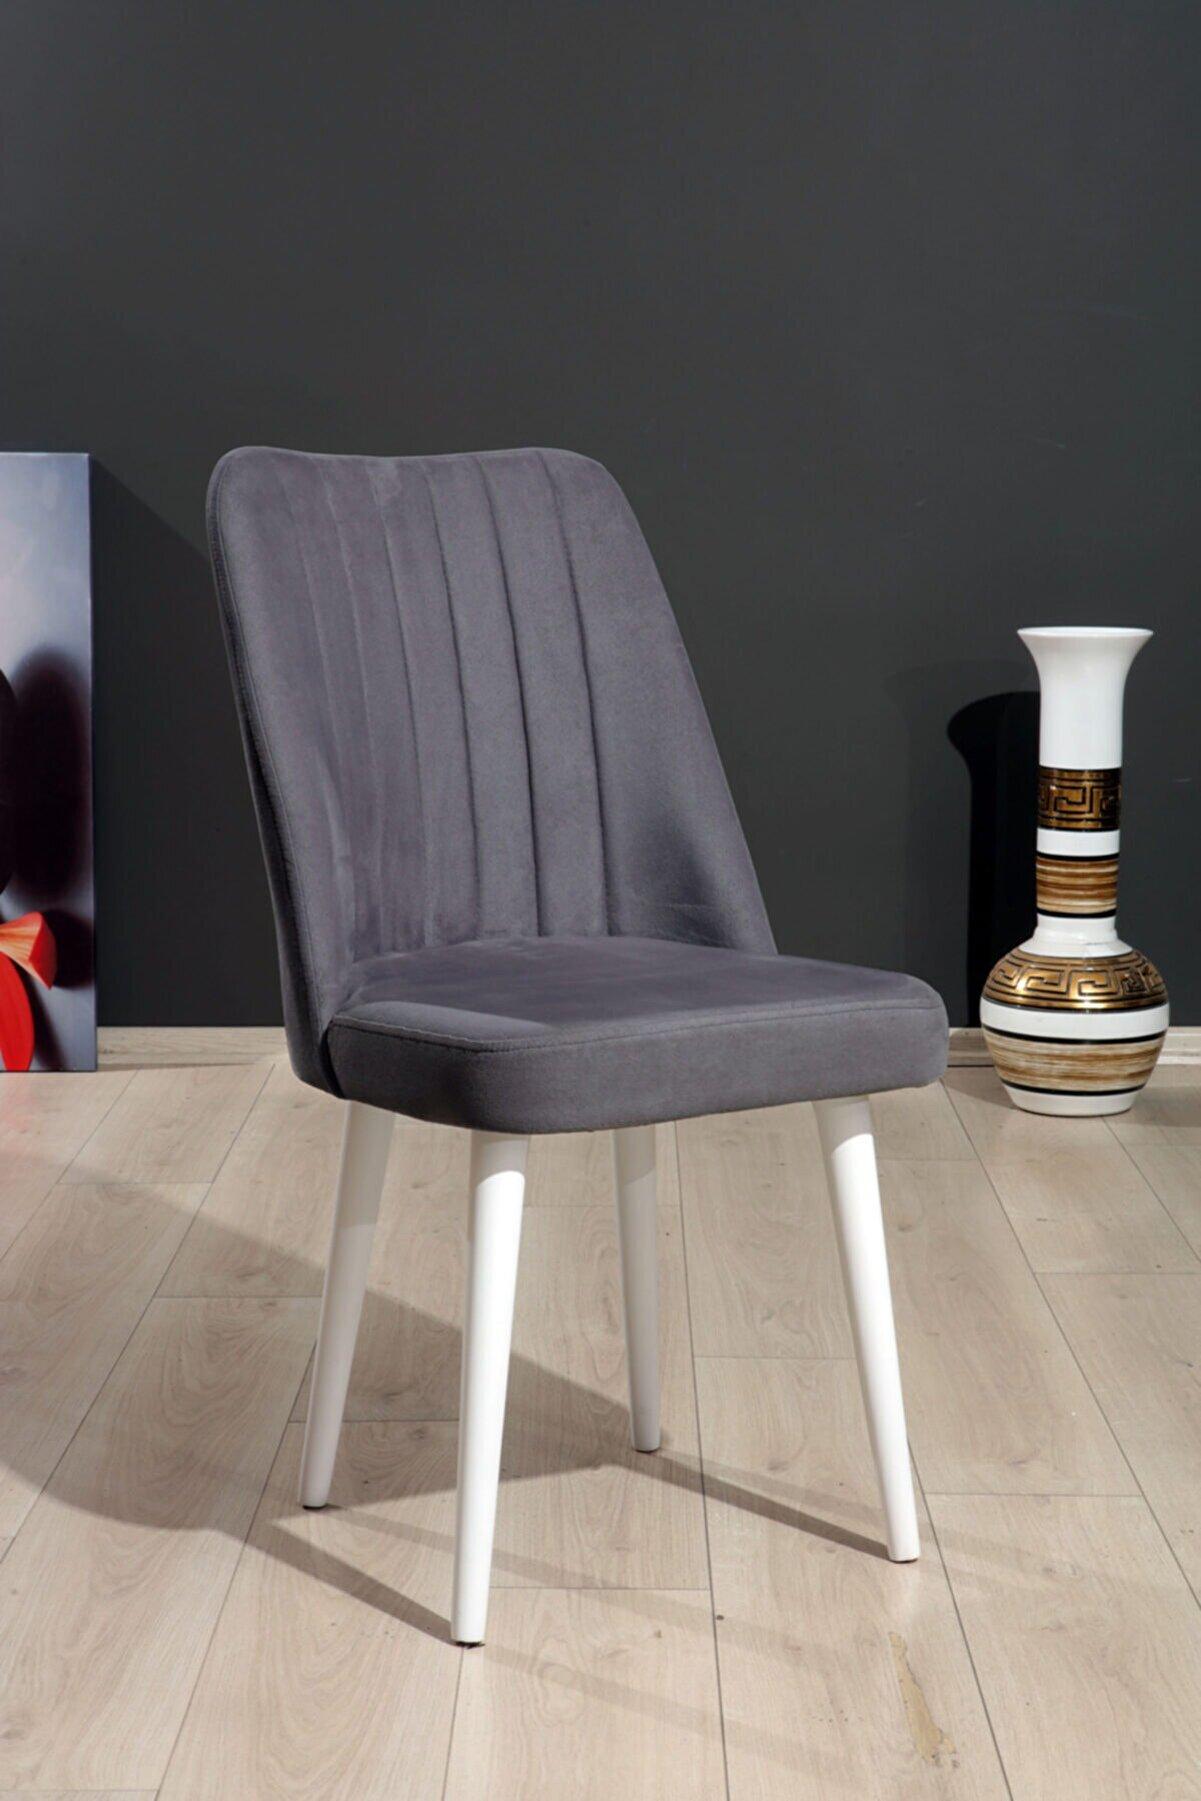 Mymassa Polo Sandalye Gri Düz Renk Kumaş - Ahşap Beyaz Ayaklı